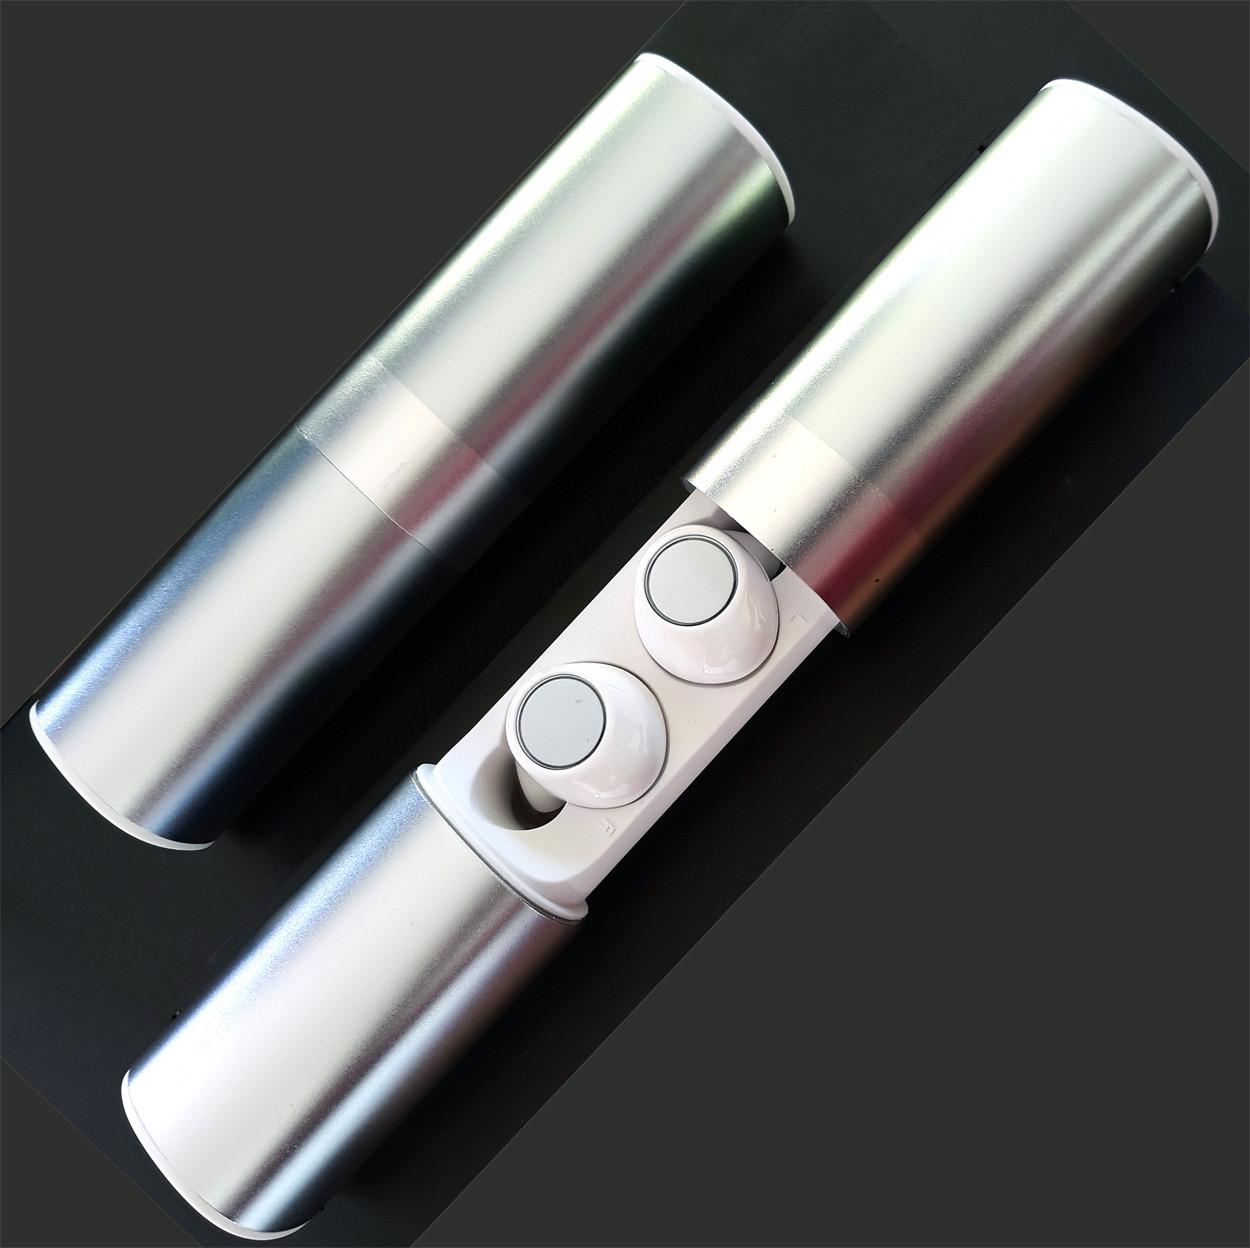 Наушники беспроводные и гаринтуры блютуз вакуумные Wi-pods S2 с зарядным чехлом Bluetooth 5.0. Белые